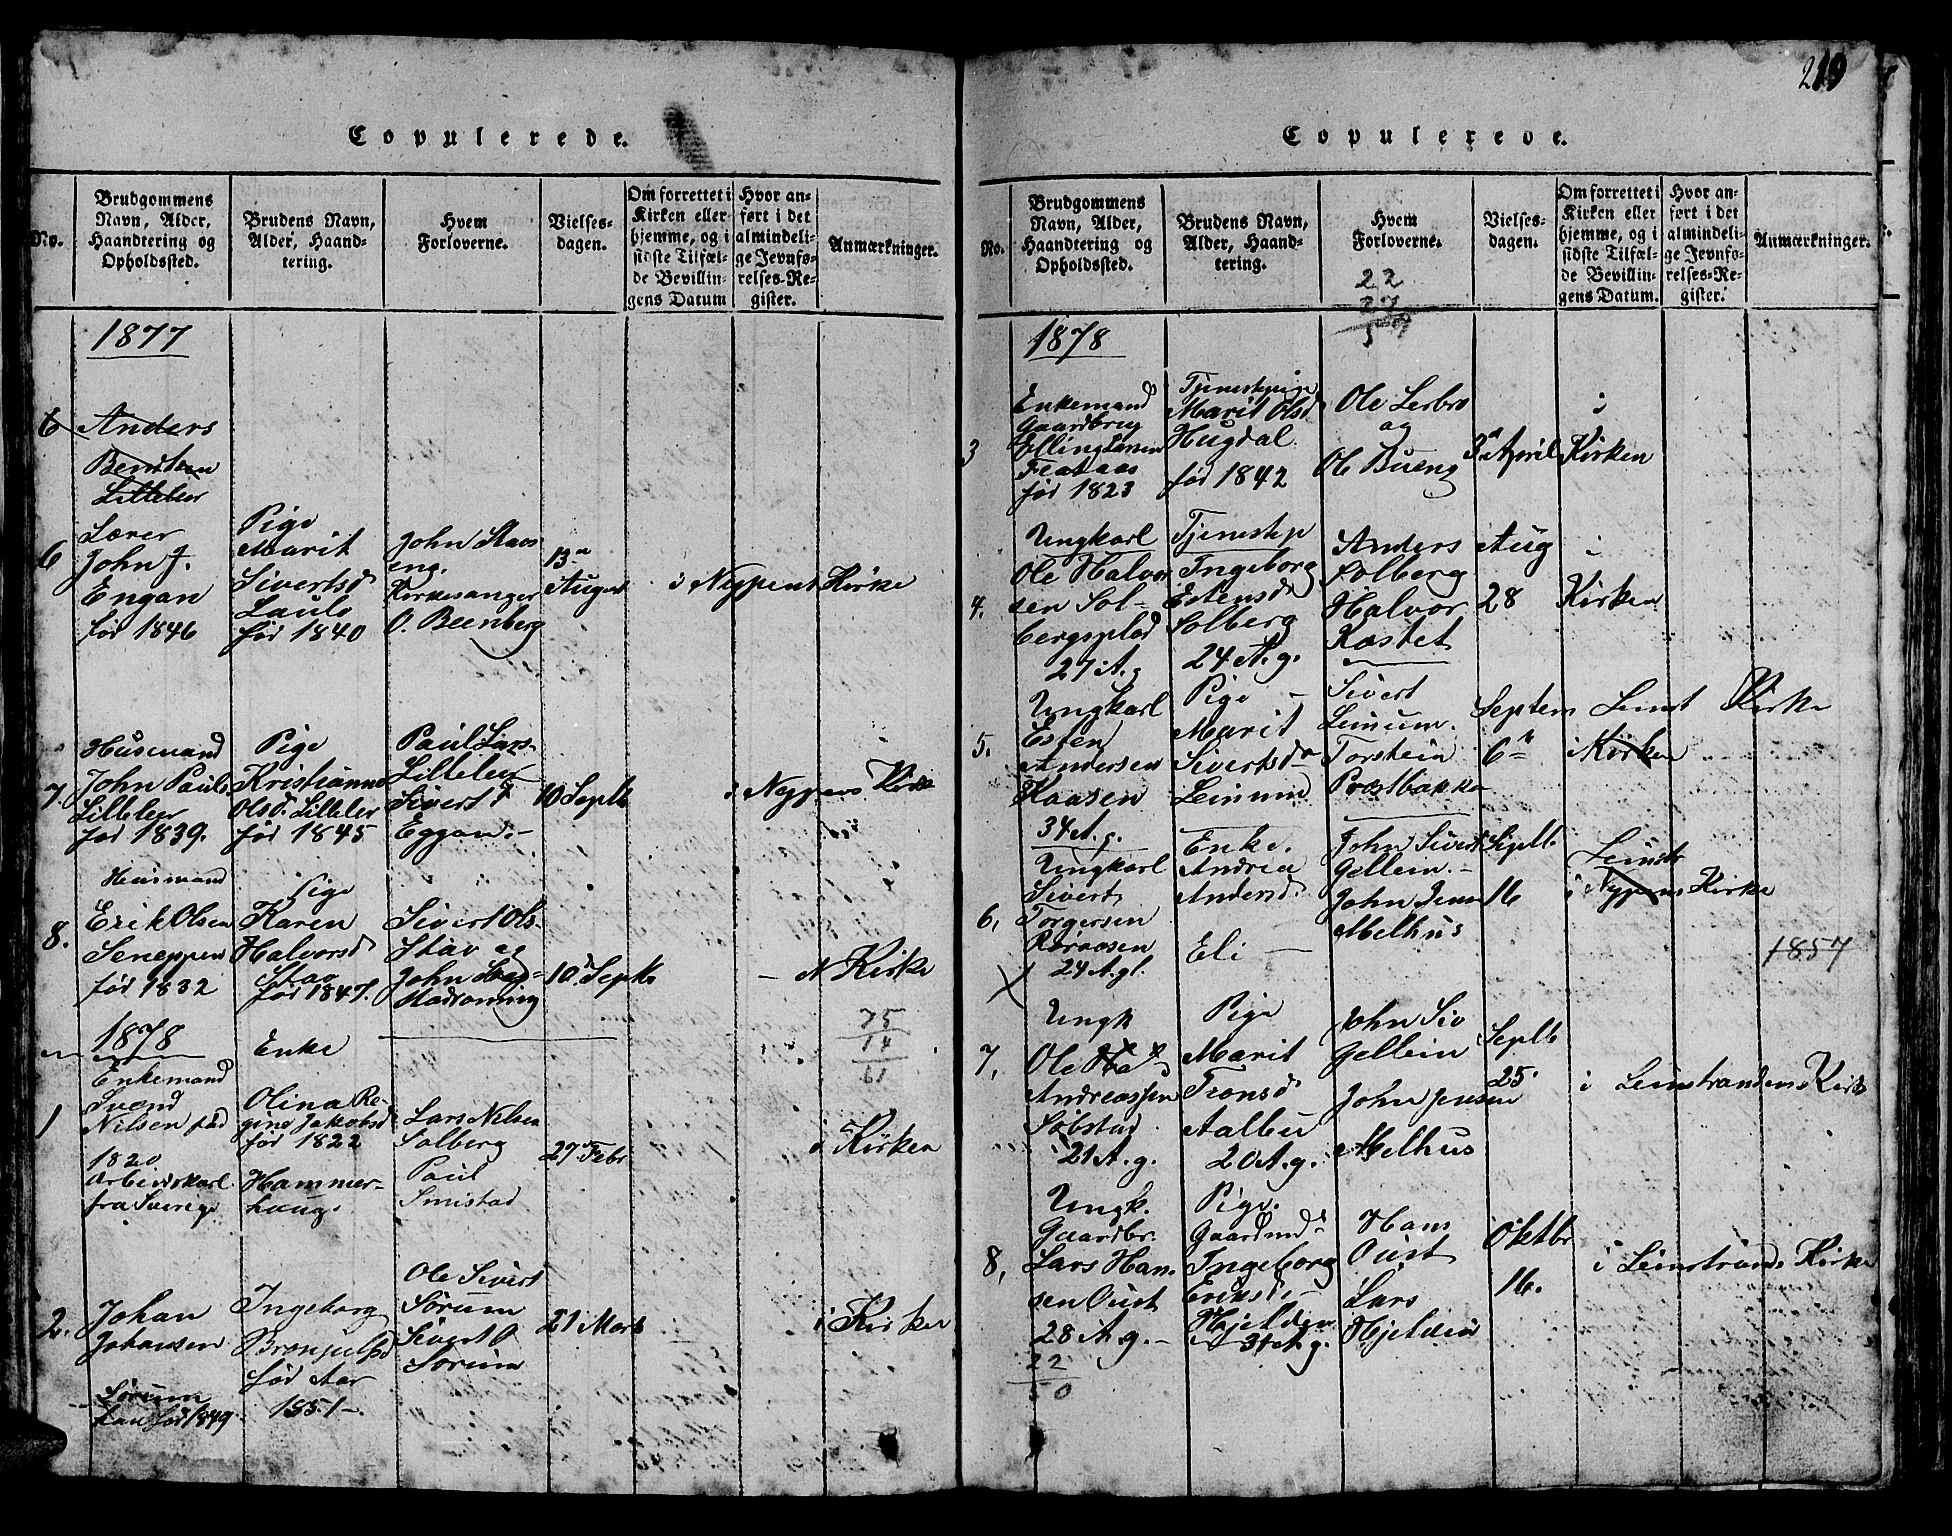 SAT, Ministerialprotokoller, klokkerbøker og fødselsregistre - Sør-Trøndelag, 613/L0393: Klokkerbok nr. 613C01, 1816-1886, s. 219